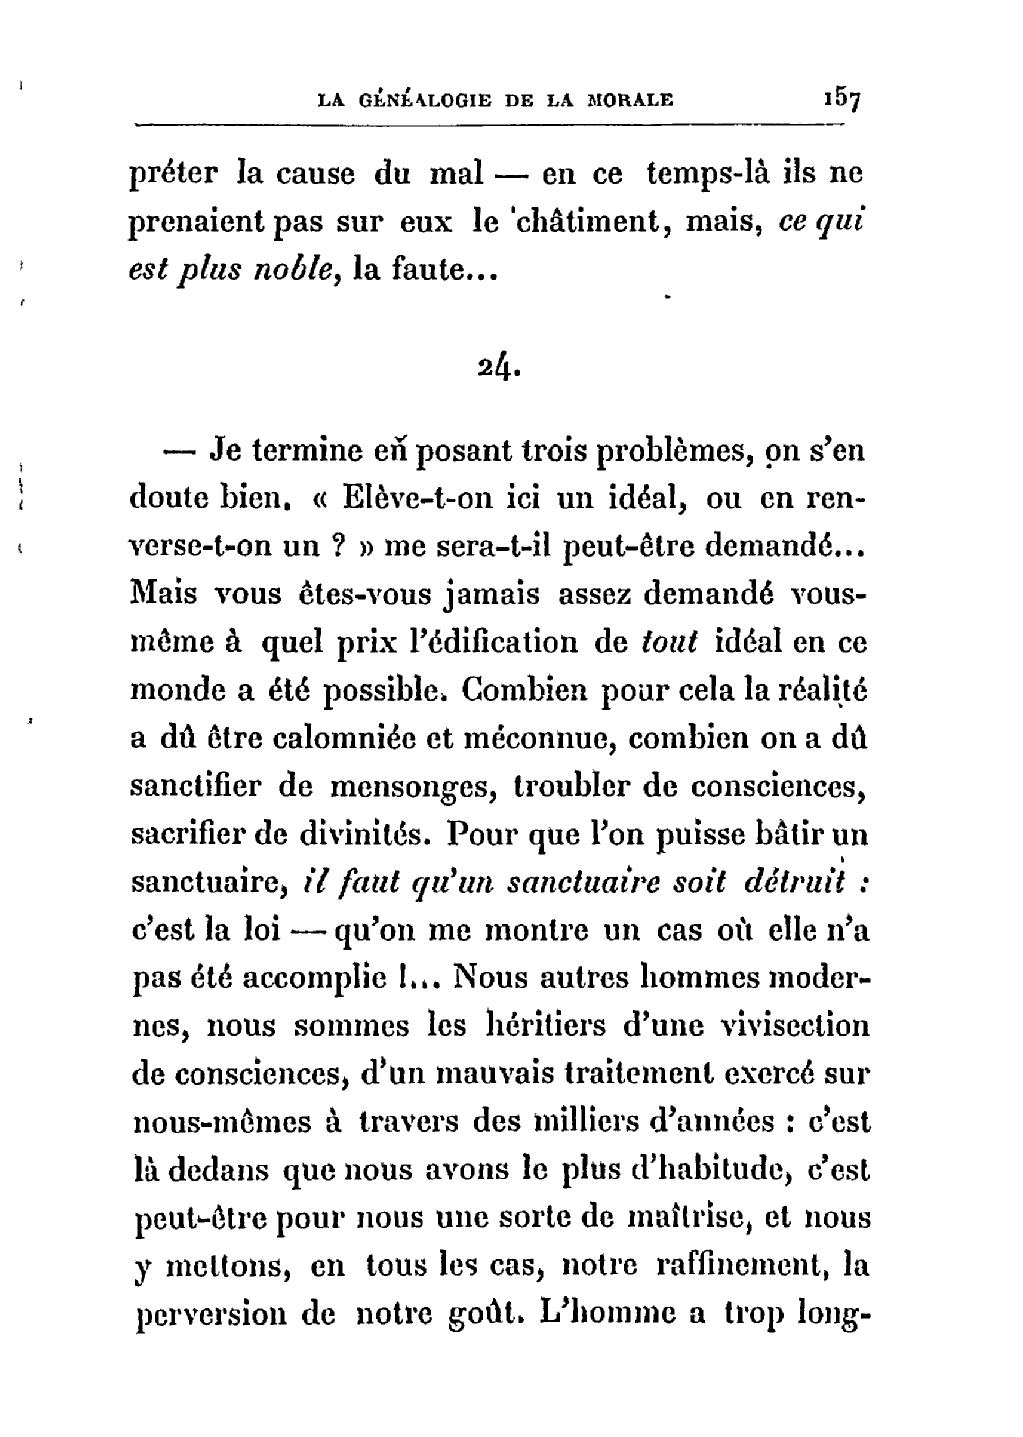 Nietzsche Généalogie De La Morale : nietzsche, généalogie, morale, File:Nietzsche, Généalogie, Morale,, 157.png, Wikimedia, Commons